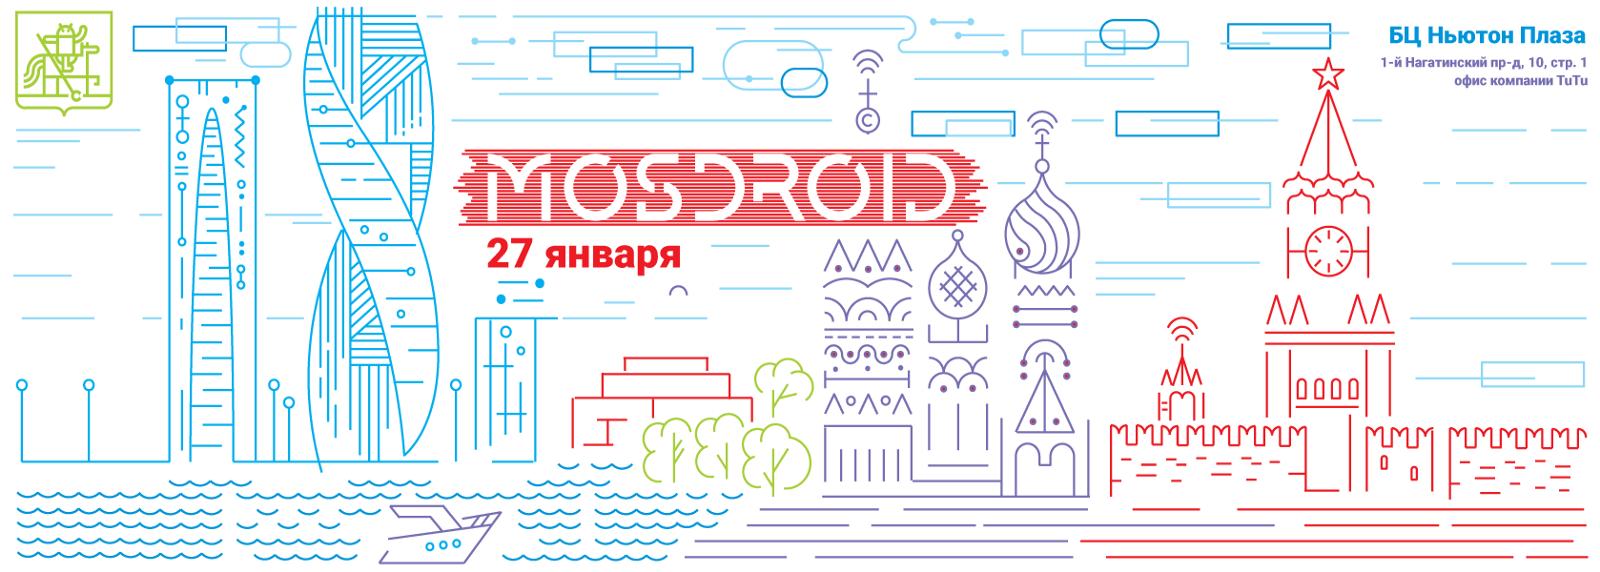 MOSDROID #5 Boron в офисе Туту.ру: видео выступлений